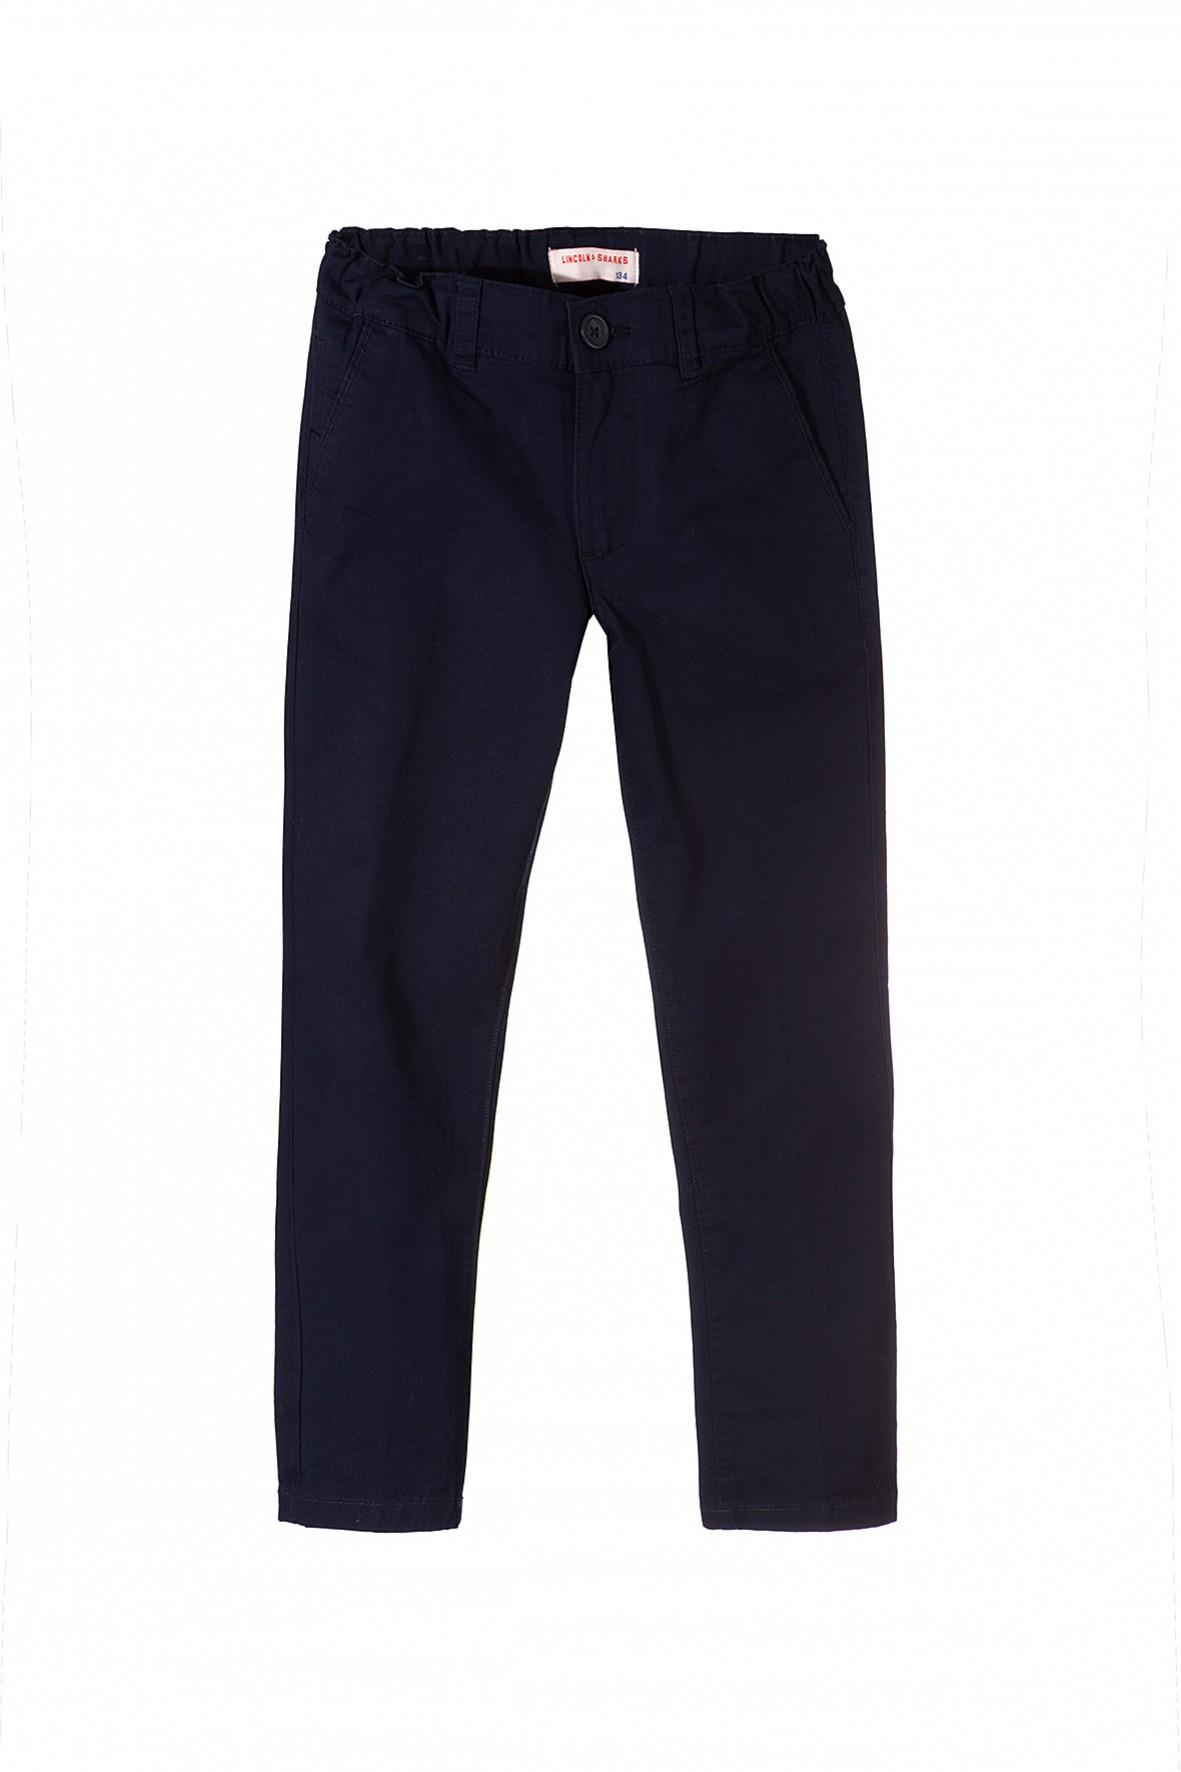 Granatowe eleganckie spodnie dla chłopca